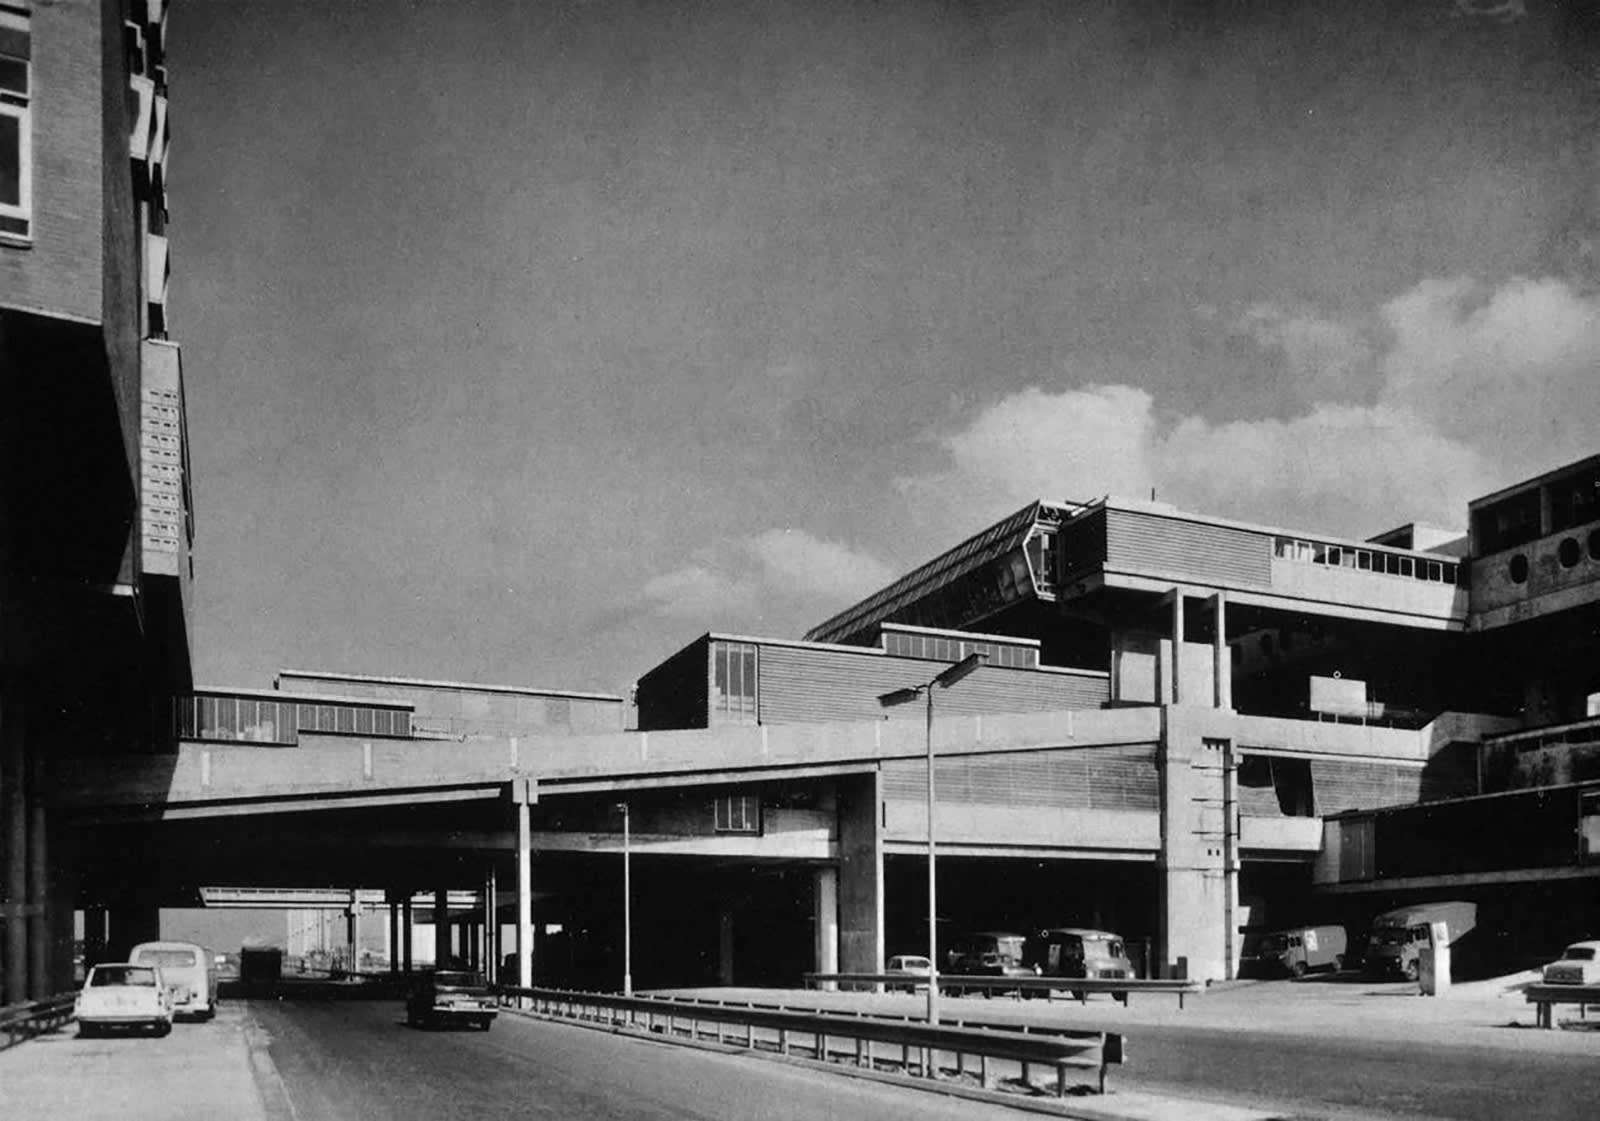 بين الواقع والخيال العلمي..هياكل معمارية عملاقة من فترة الستينيات مستوحاة من عالم مثالي